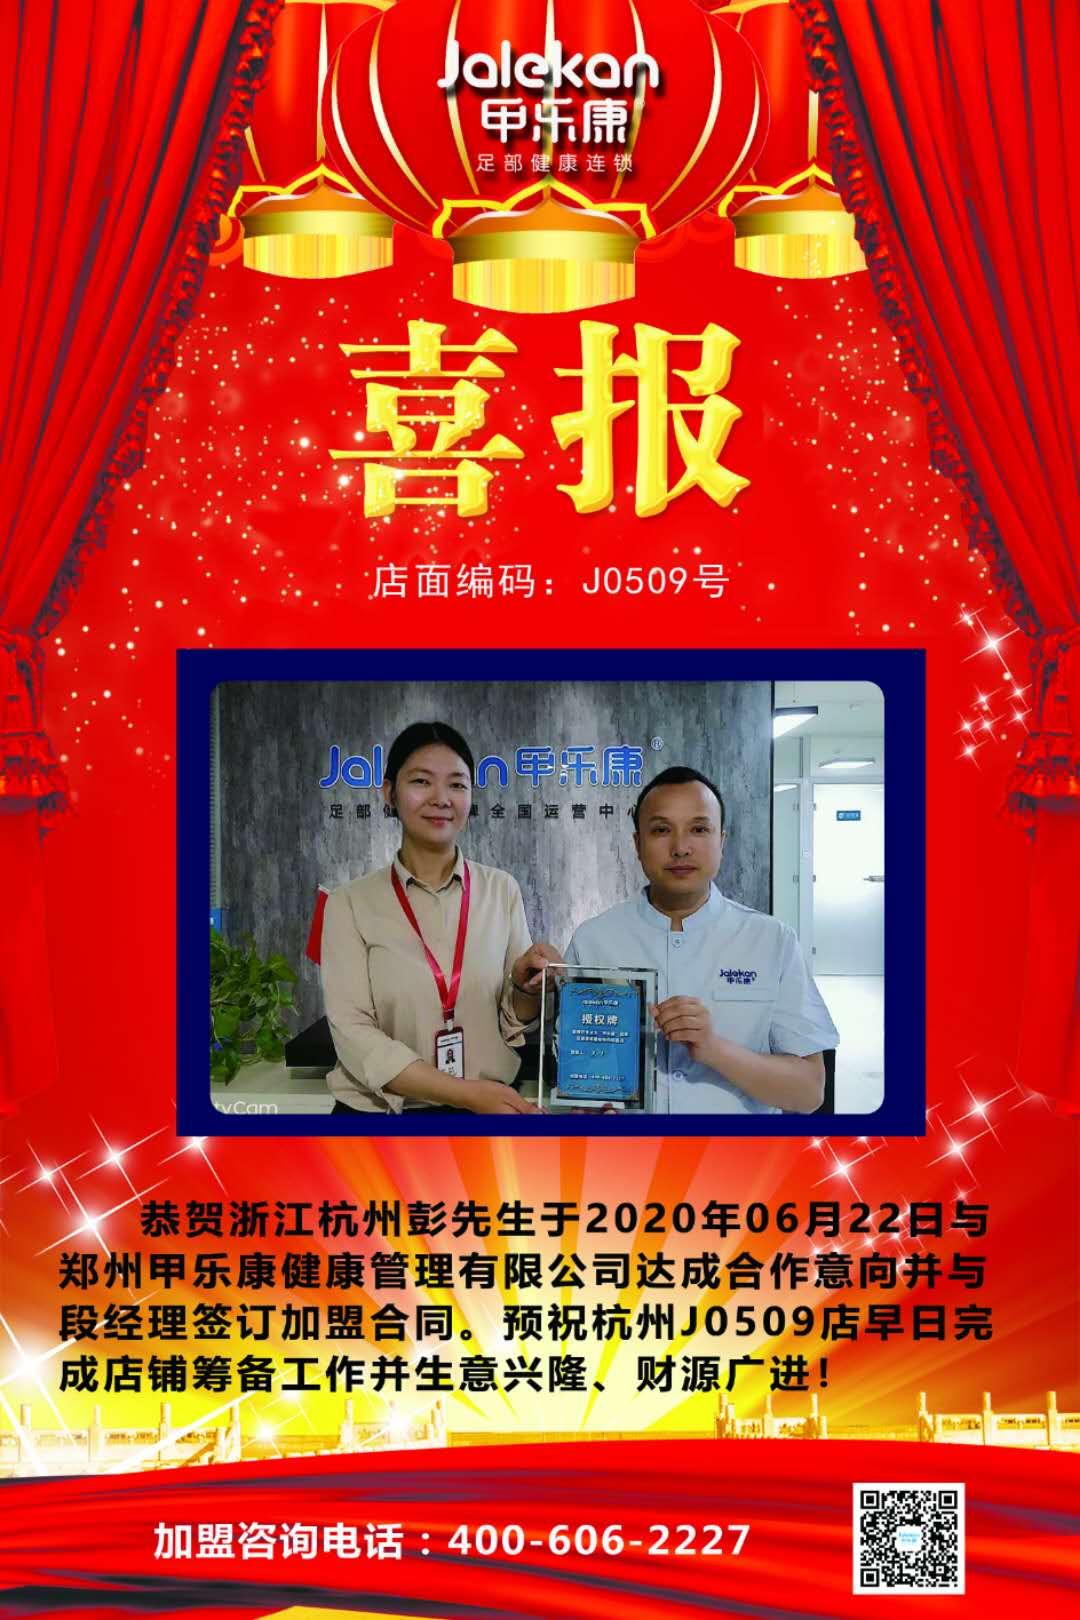 2020-6-22浙江杭州彭先生